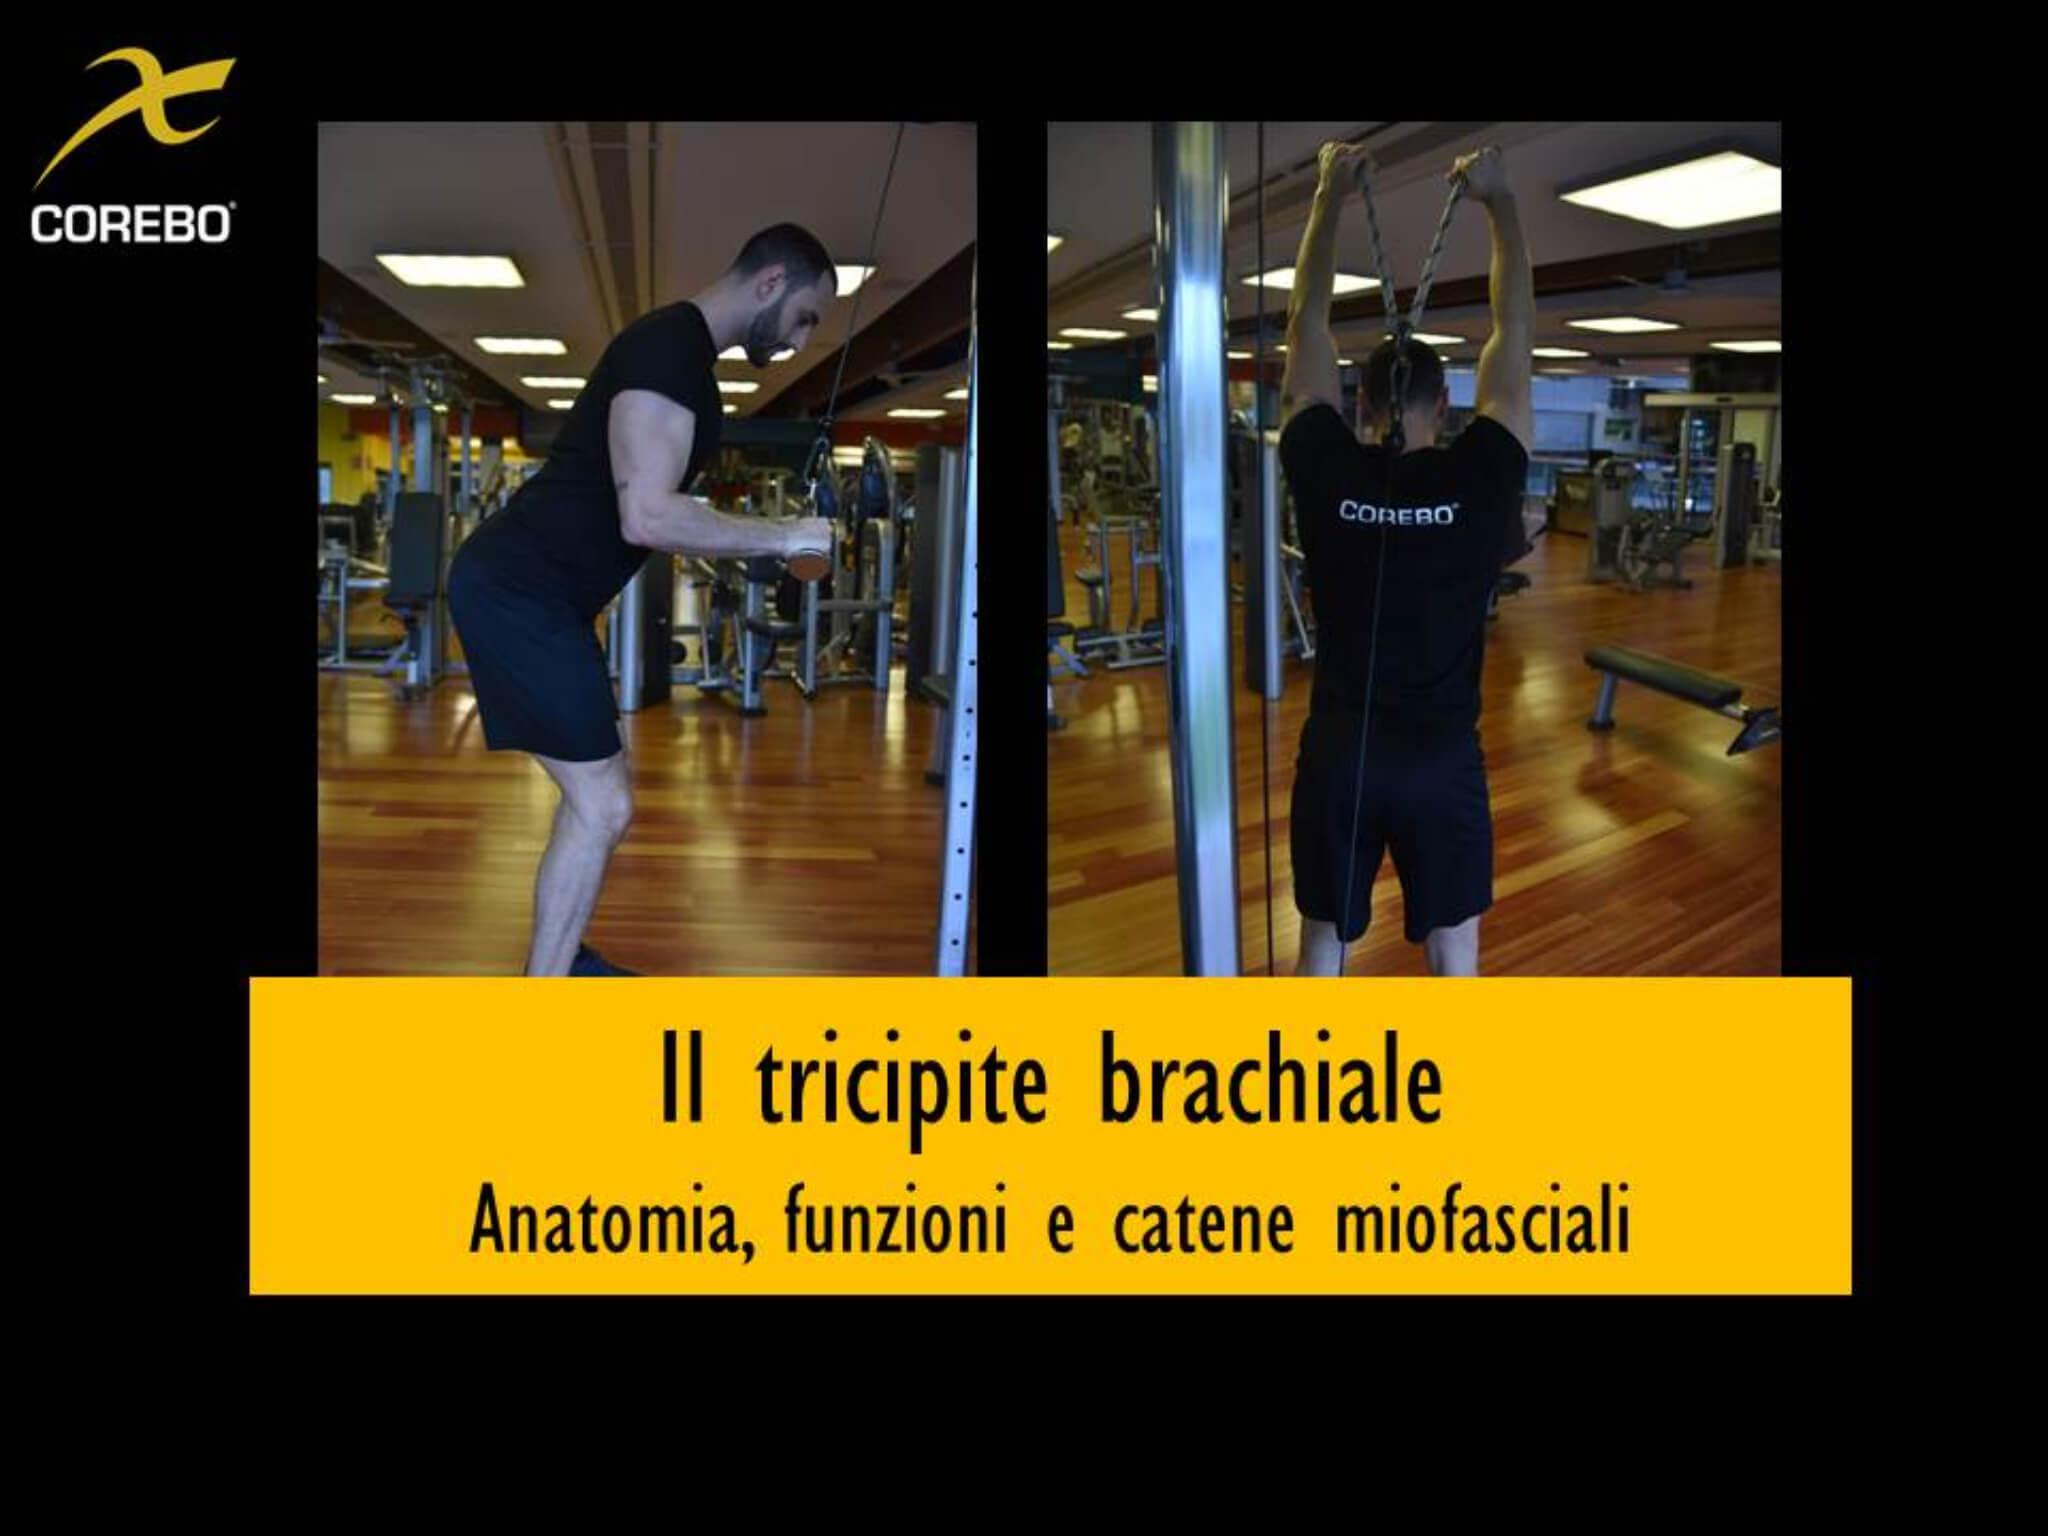 Tricipite brachiale, anatomia, funzioni e catene miofasciali